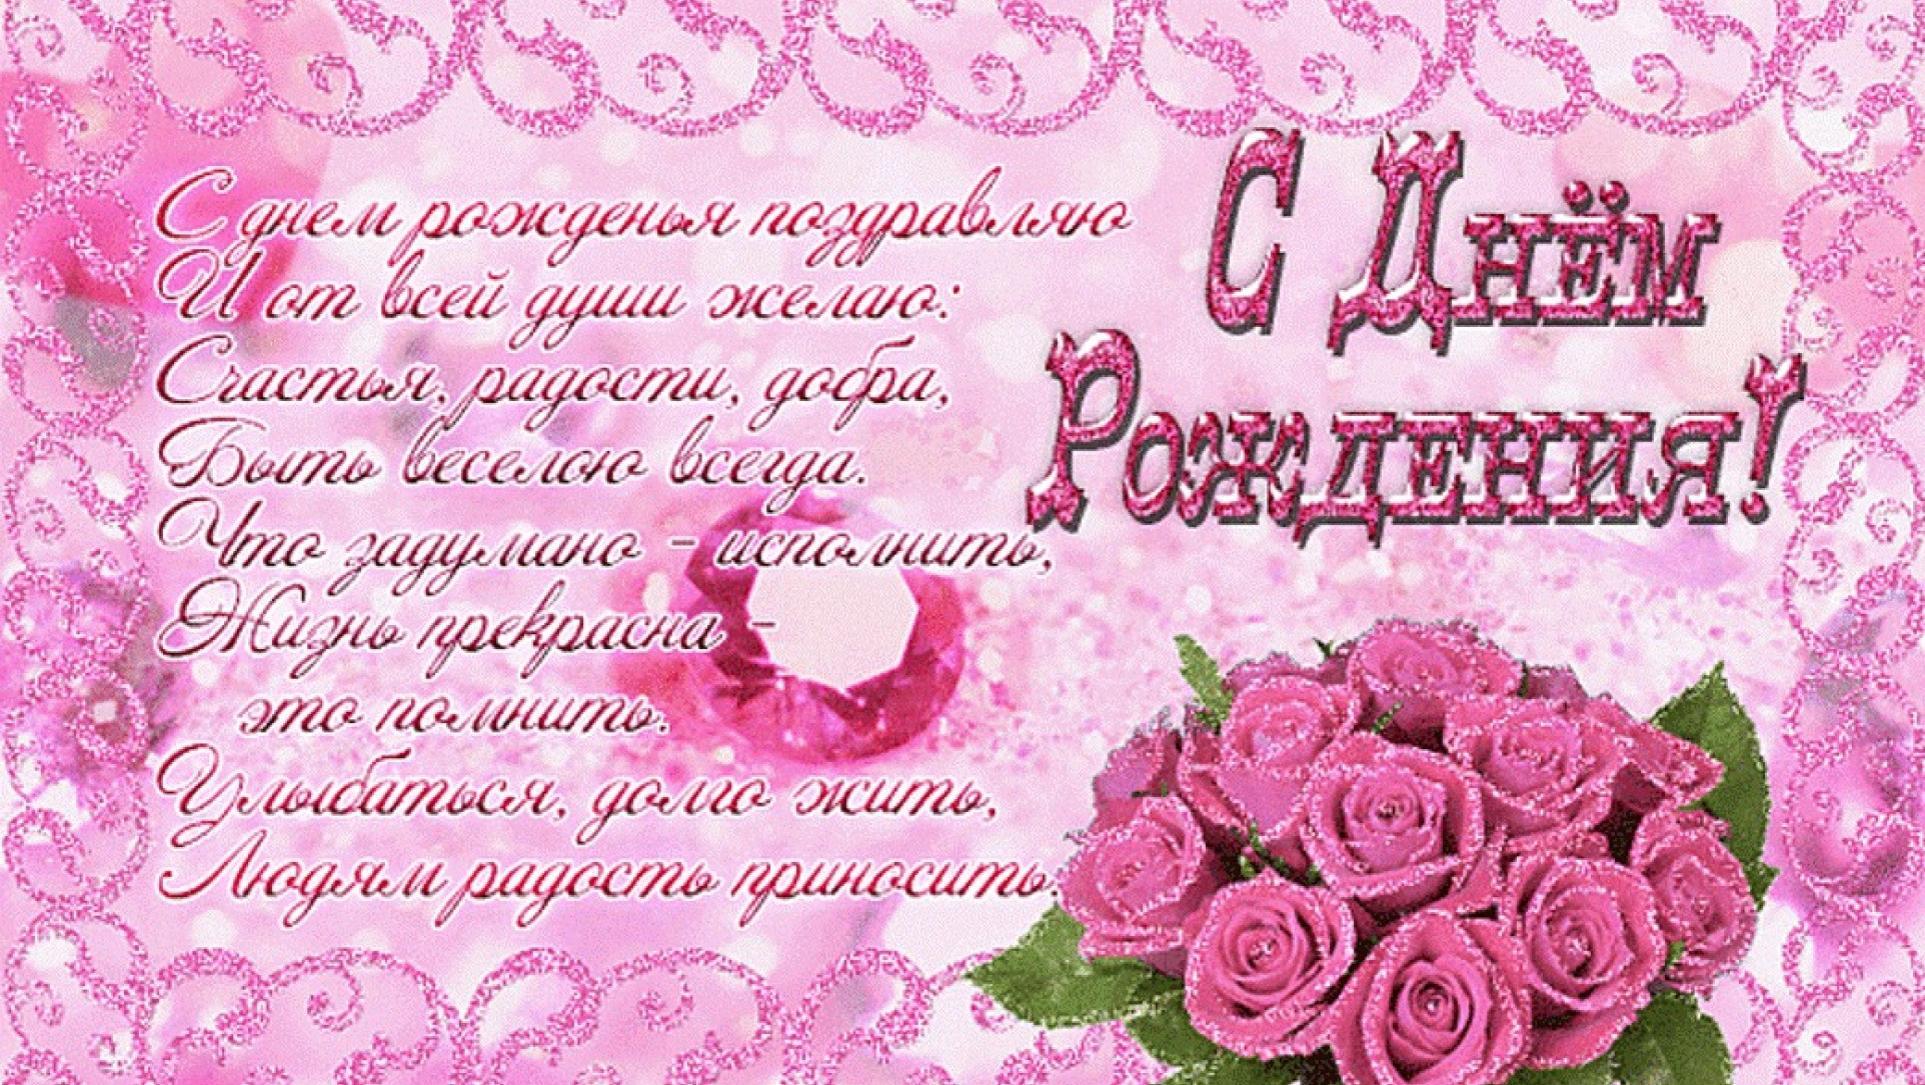 Очень трогательные поздравления для девушки с днем рождения